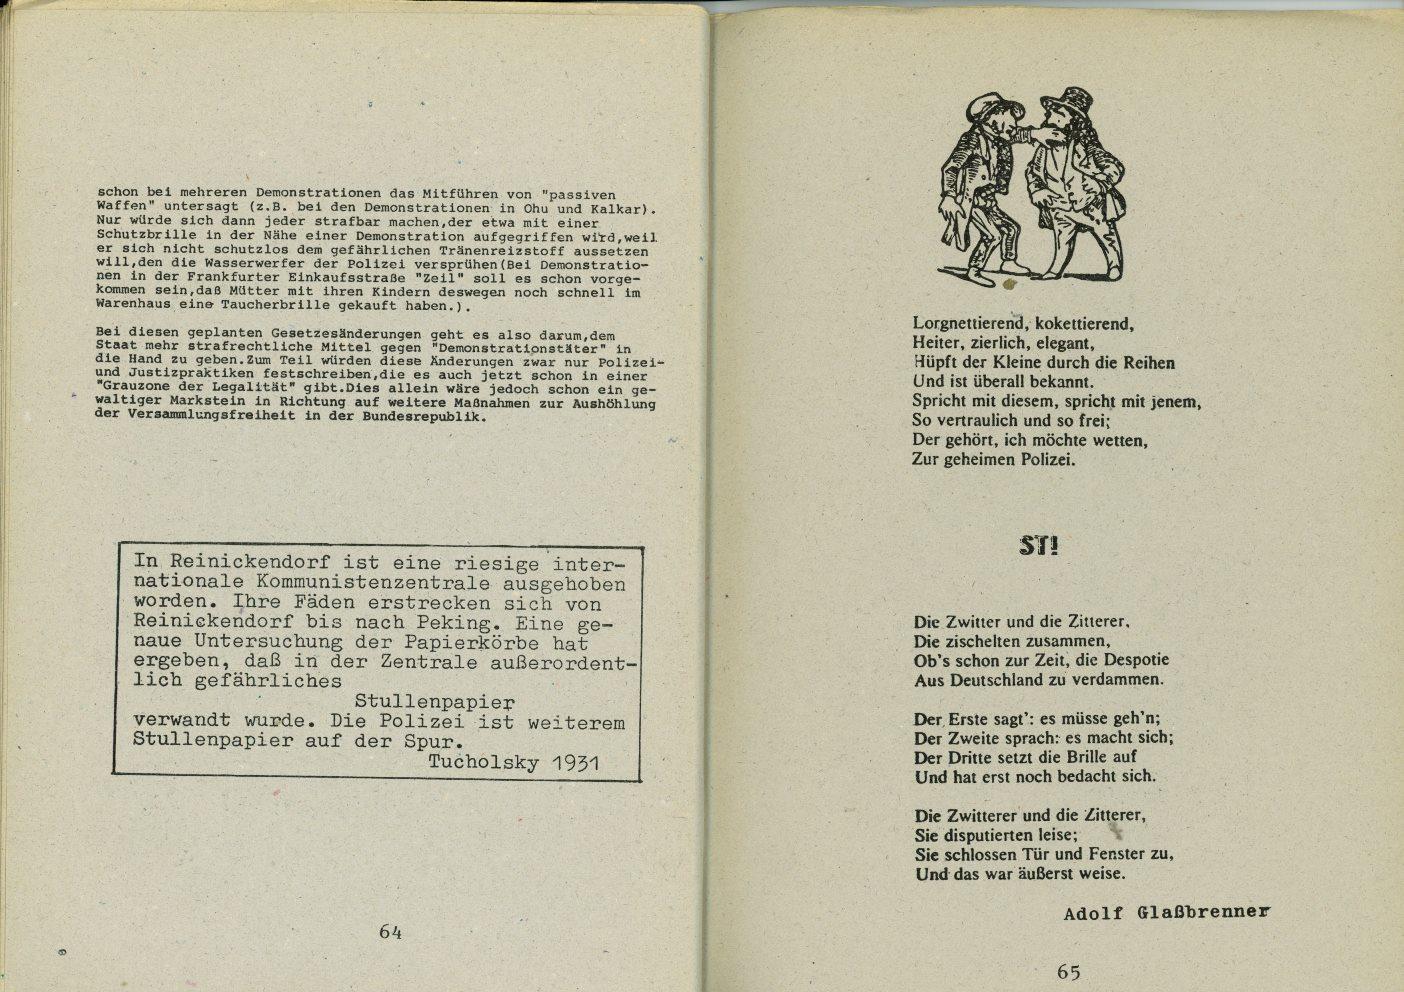 Stuttgart_AGRT_Menschenrechtsverletzungen_Leseheft_1978_34